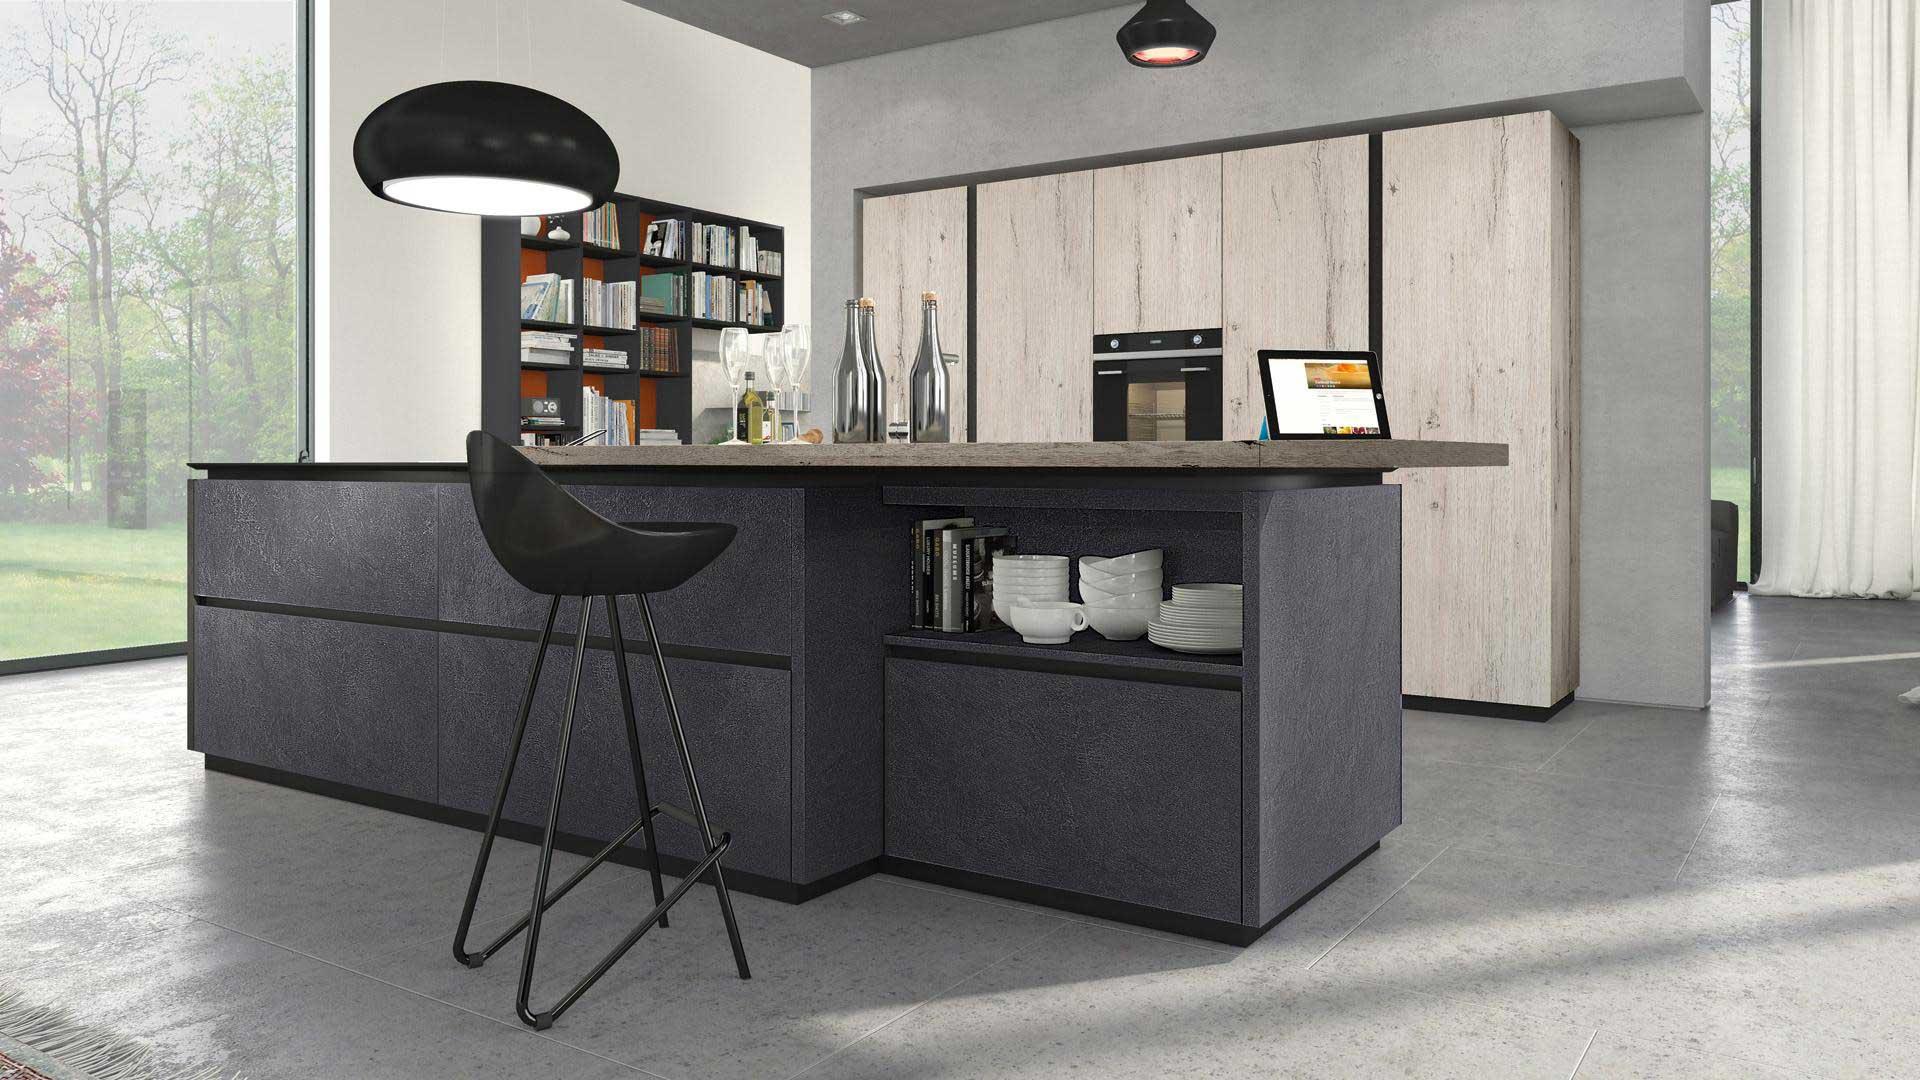 Lube cucina oltre design materico - Cucina senza elettrodomestici ...